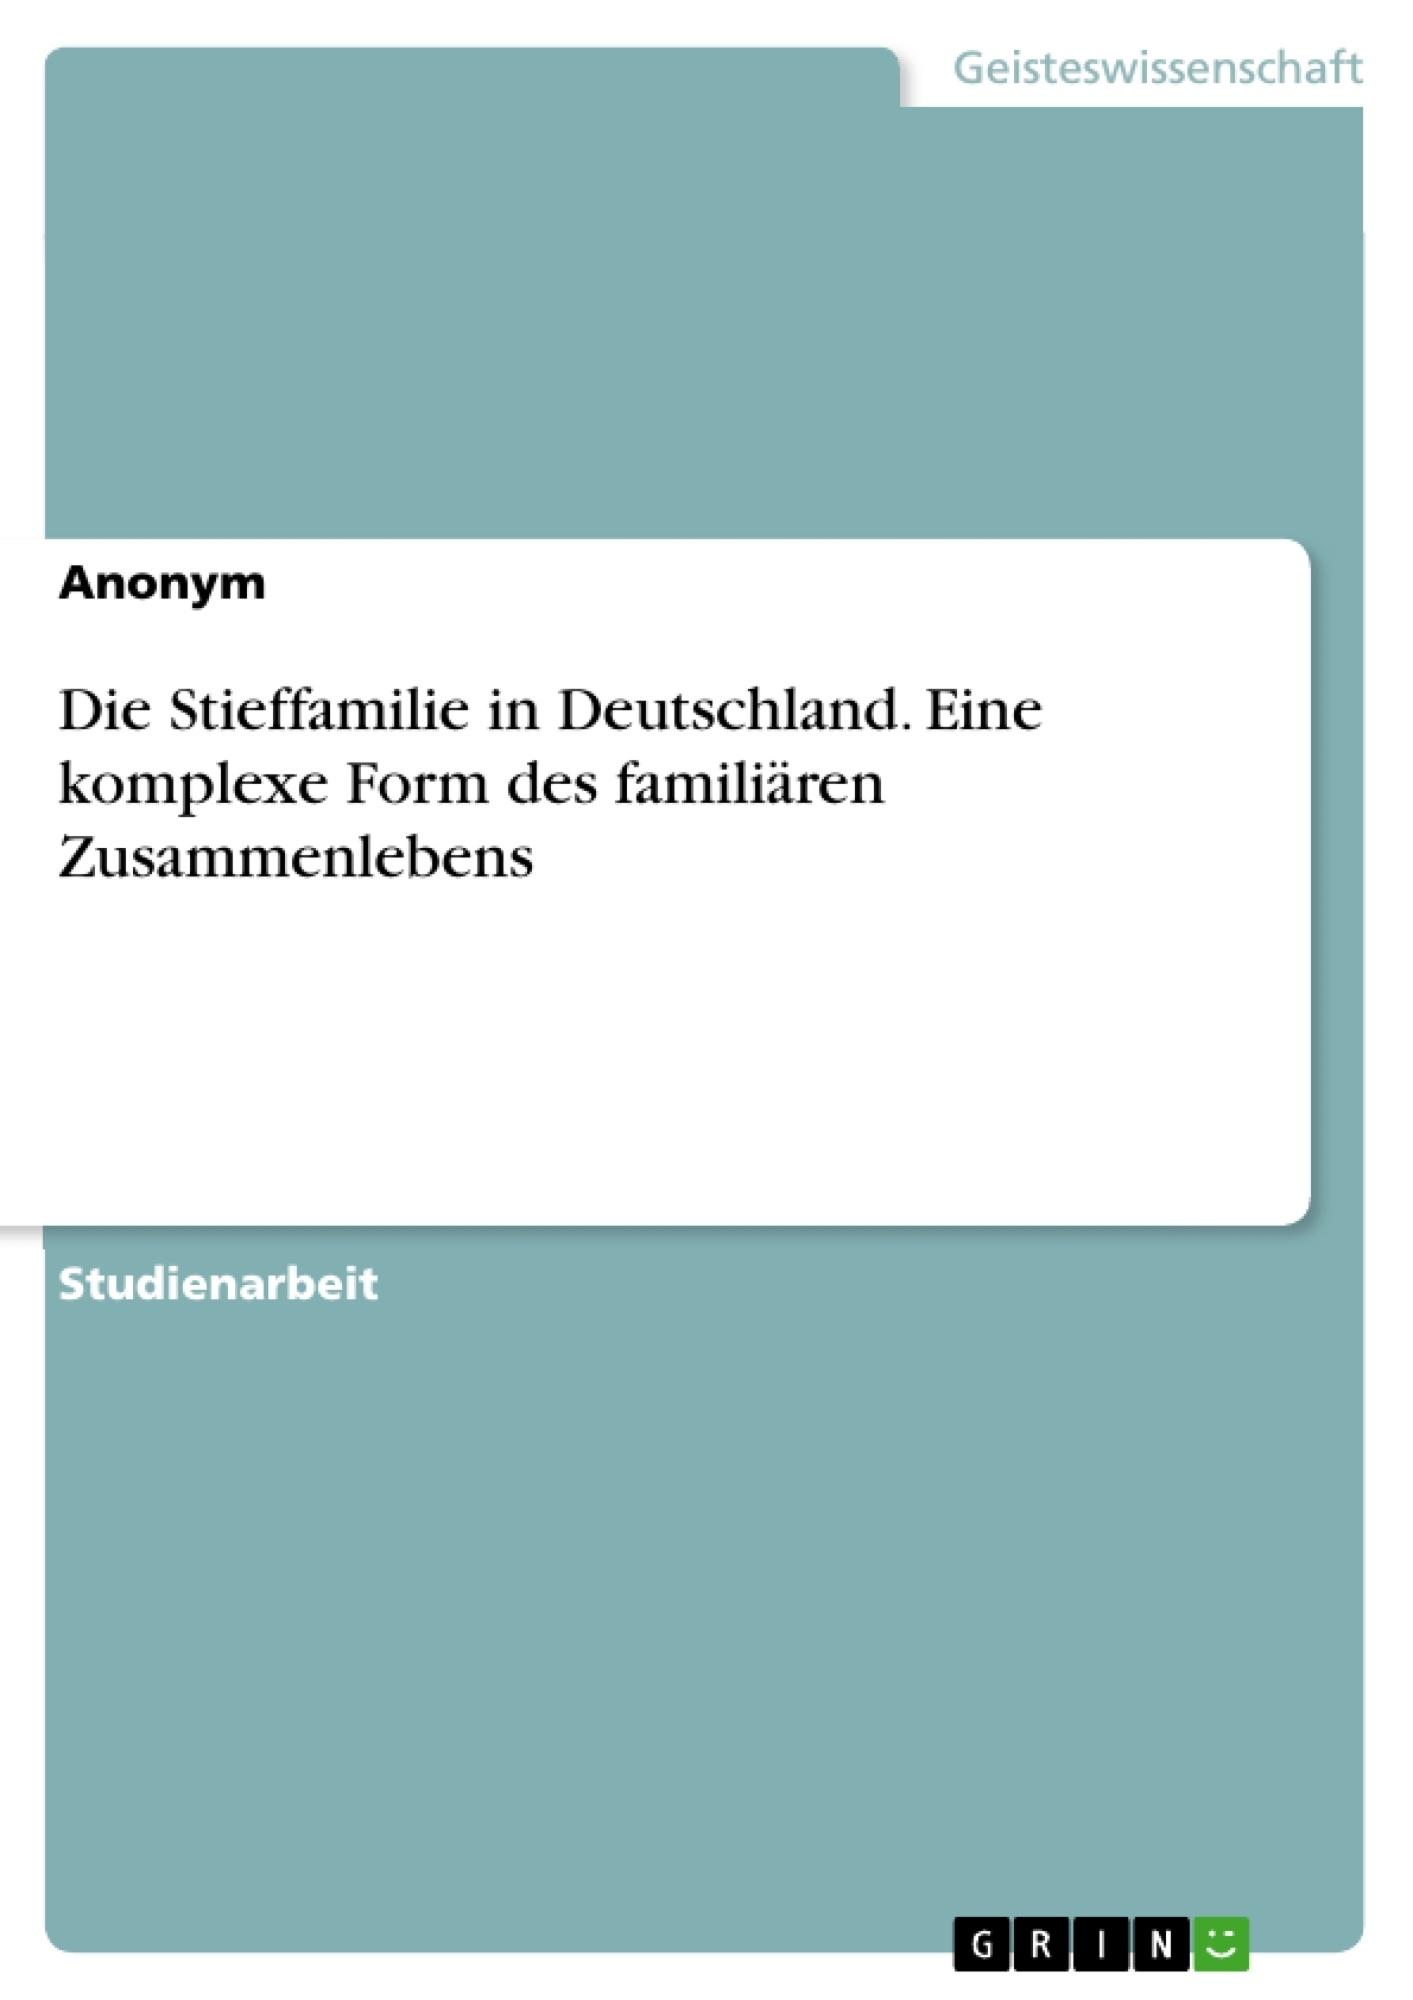 Titel: Die Stieffamilie in Deutschland. Eine komplexe Form des familiären Zusammenlebens